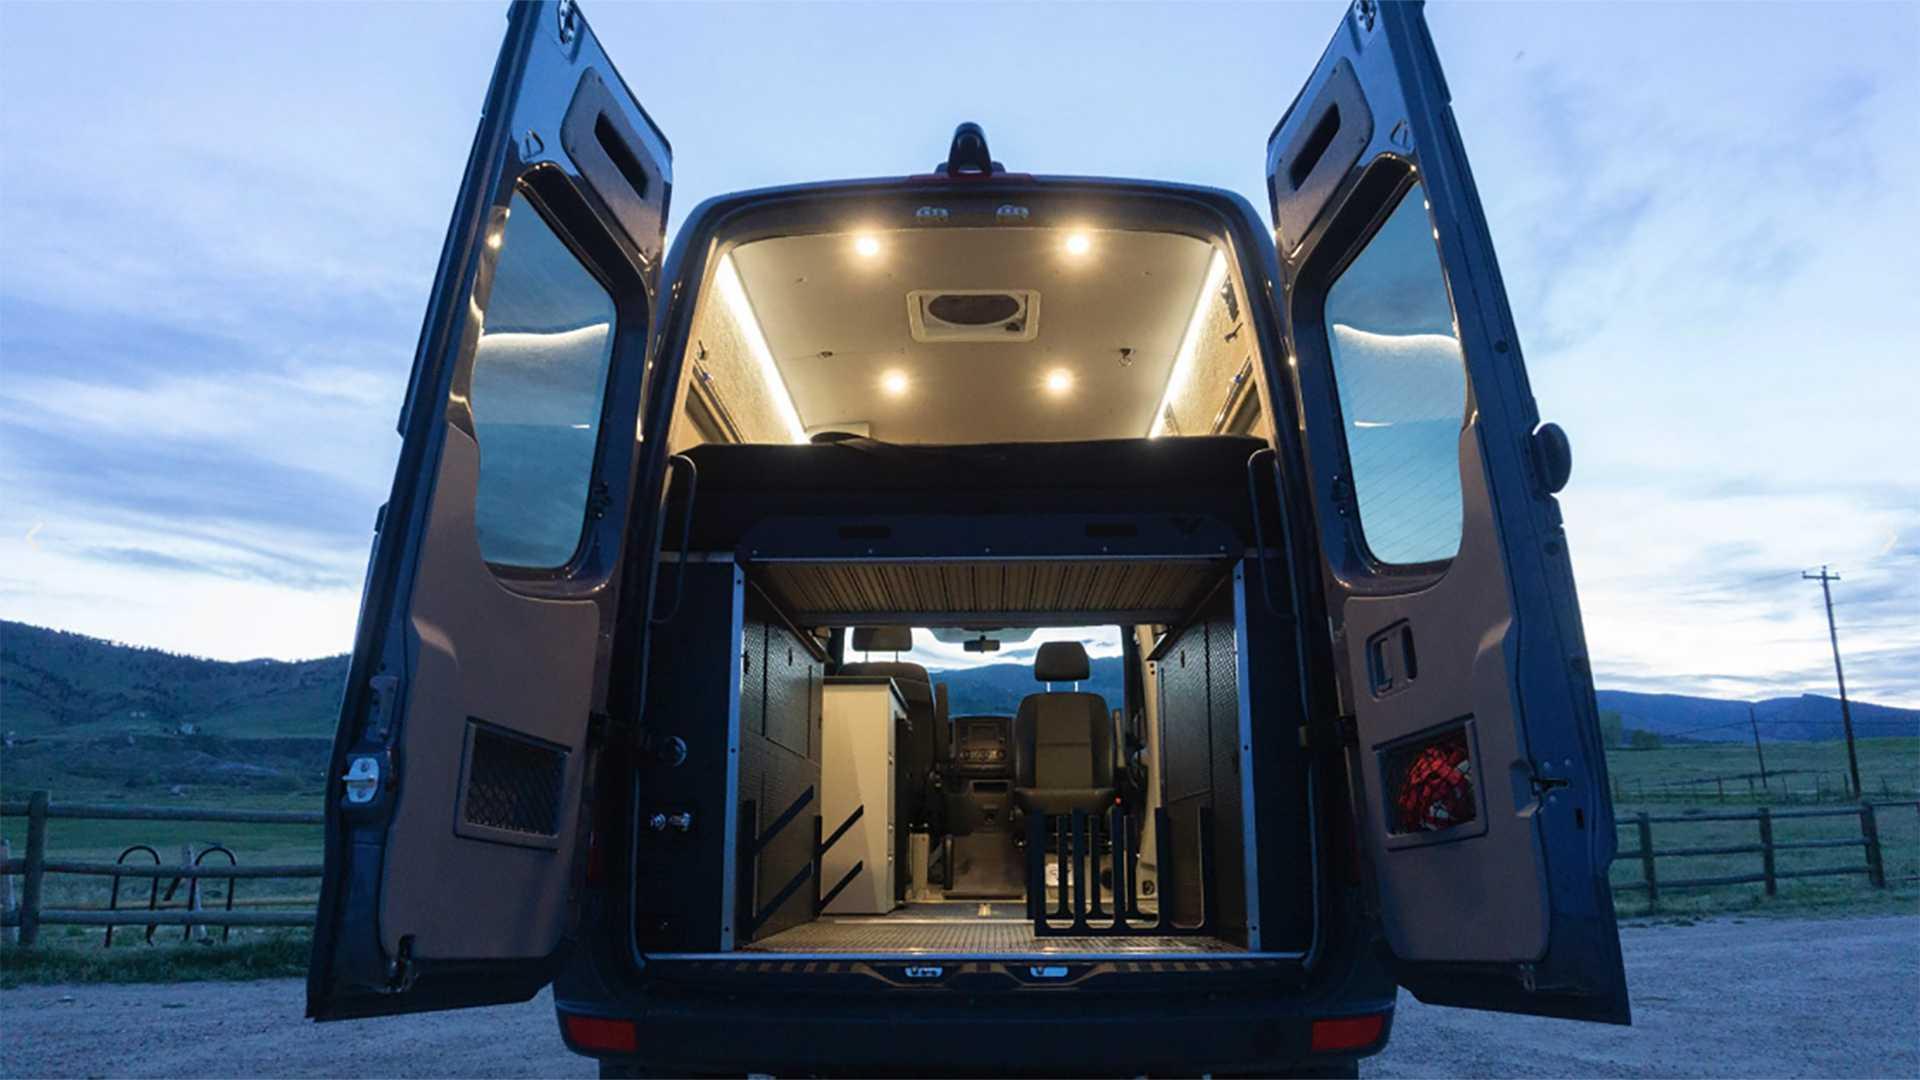 Американская компания Titan Vans из Колорадо известна своими домами на колесах, максимально персонализированными для каждого клиента. Их новый проект ориентирован не просто на любителей путешествий, а на лыжников и серферов.